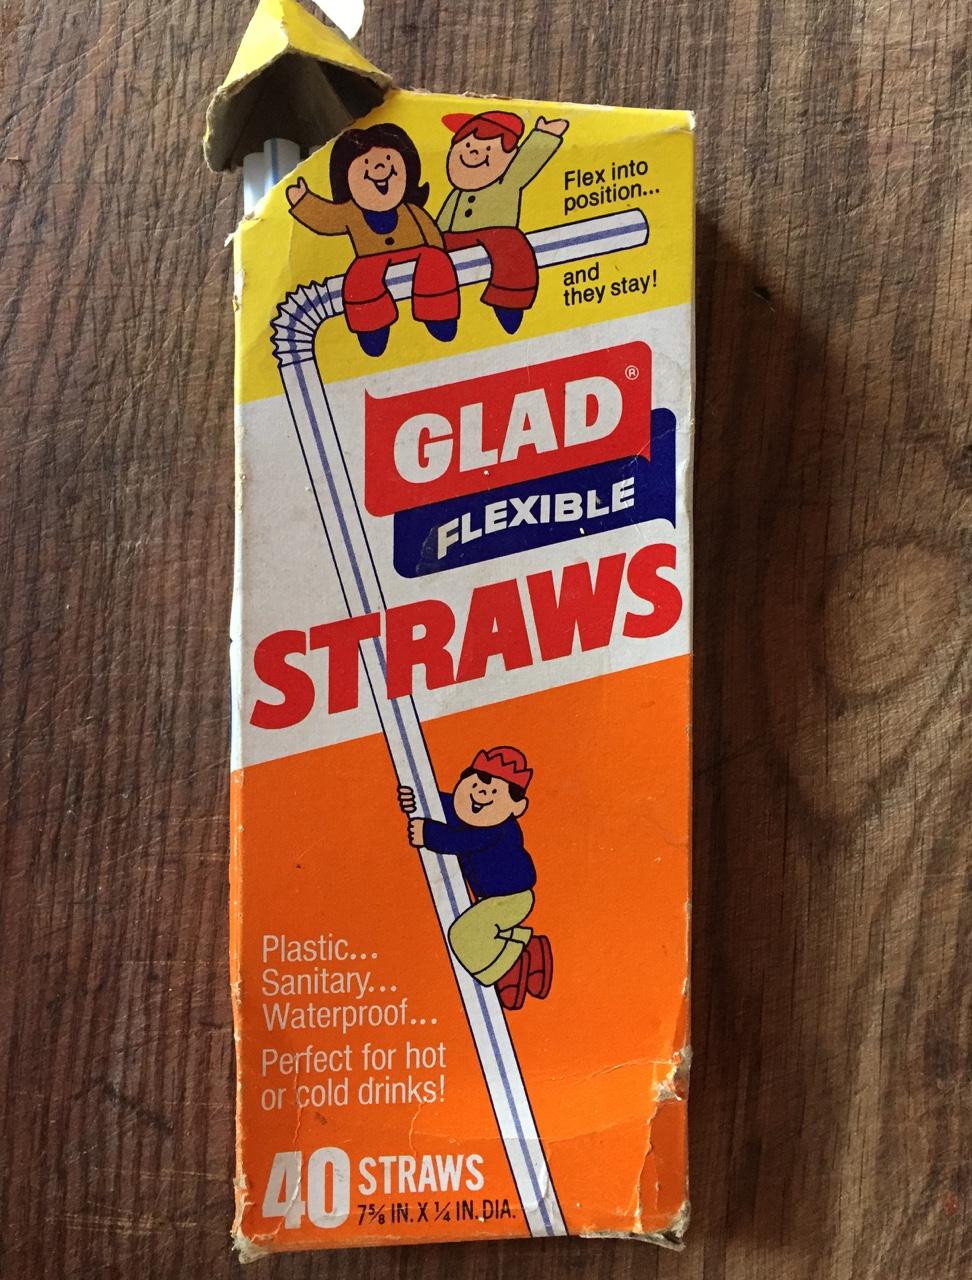 Glad Straws